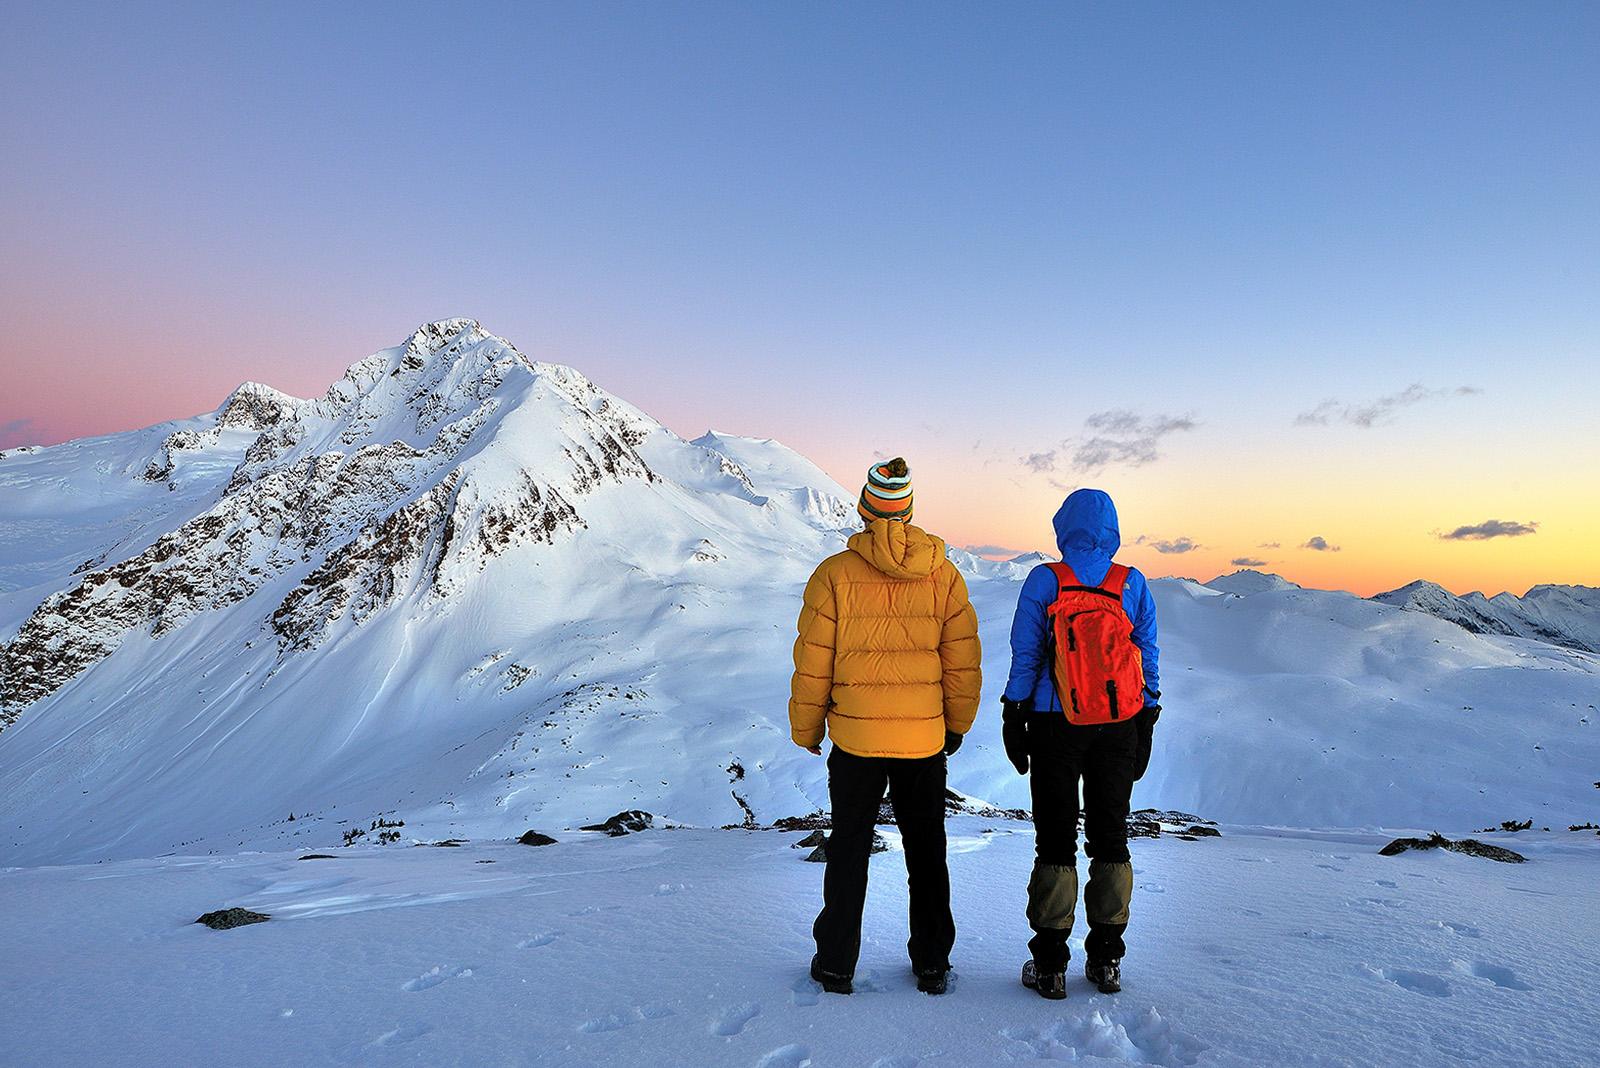 Hình nền : Địa hình đồi núi, Bầu trời, dãy núi, Leo núi, mùa đông ...